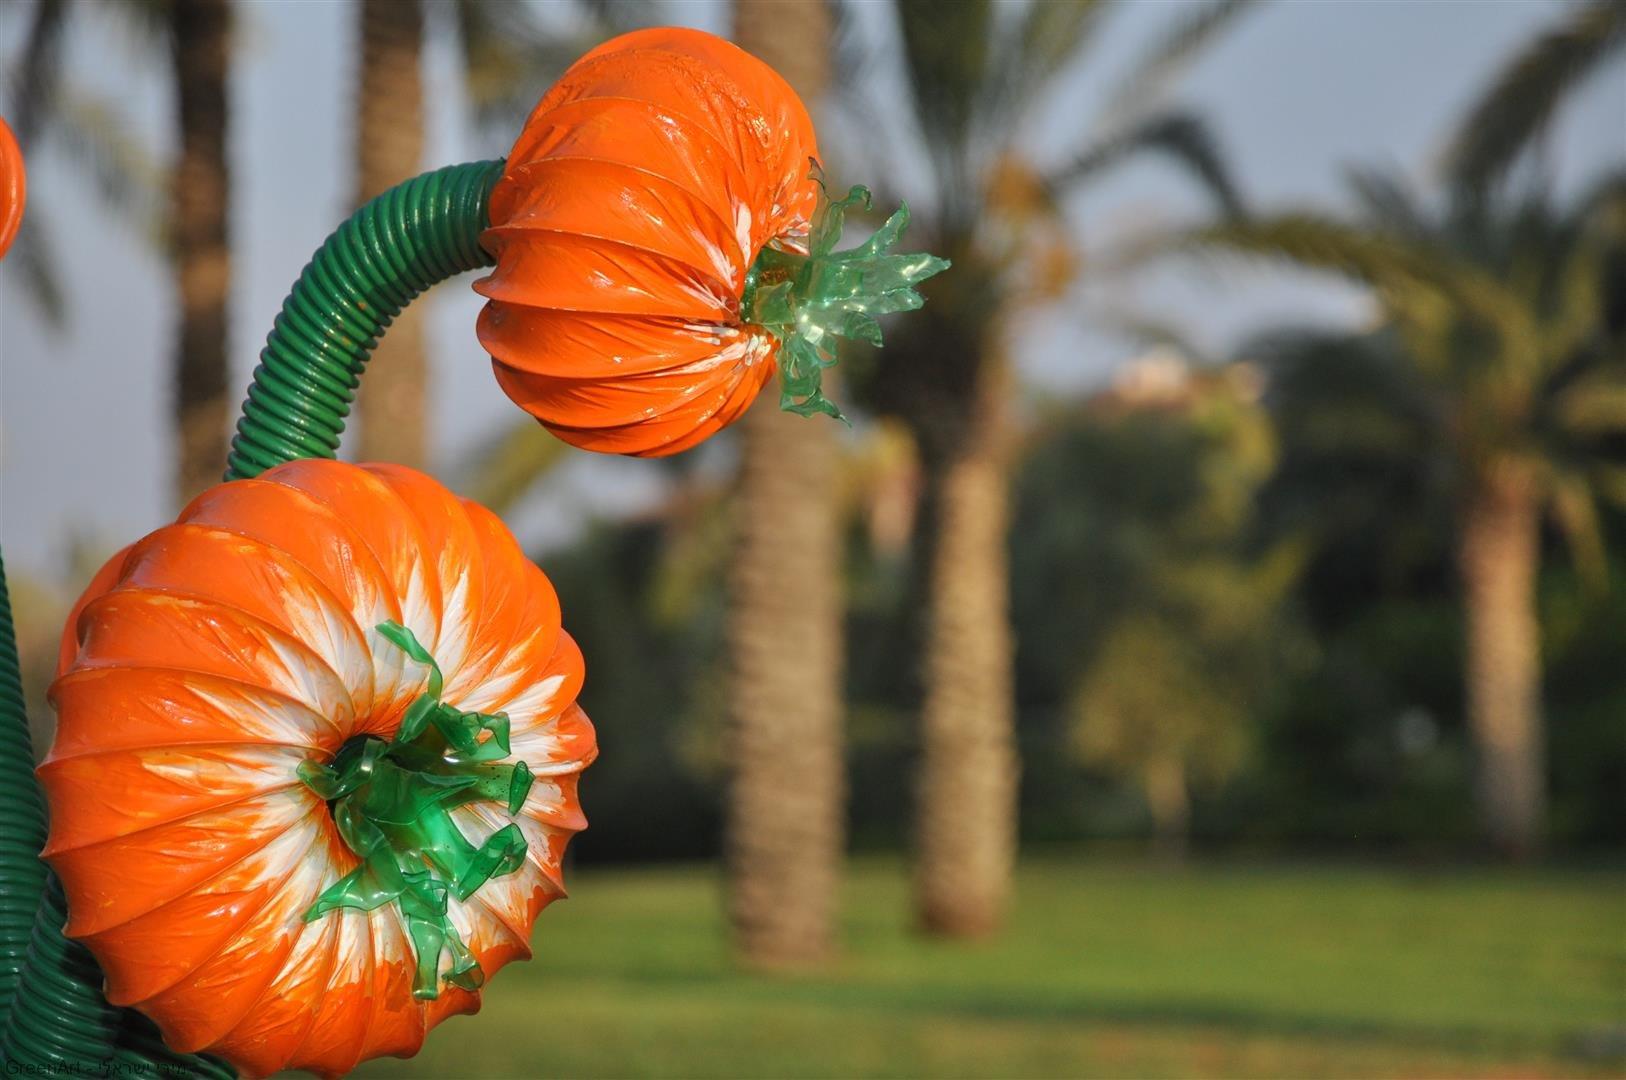 היצירה - פריחה מצינורות האדמה -  אמנות אקולוגית מפסולת פלסטיק